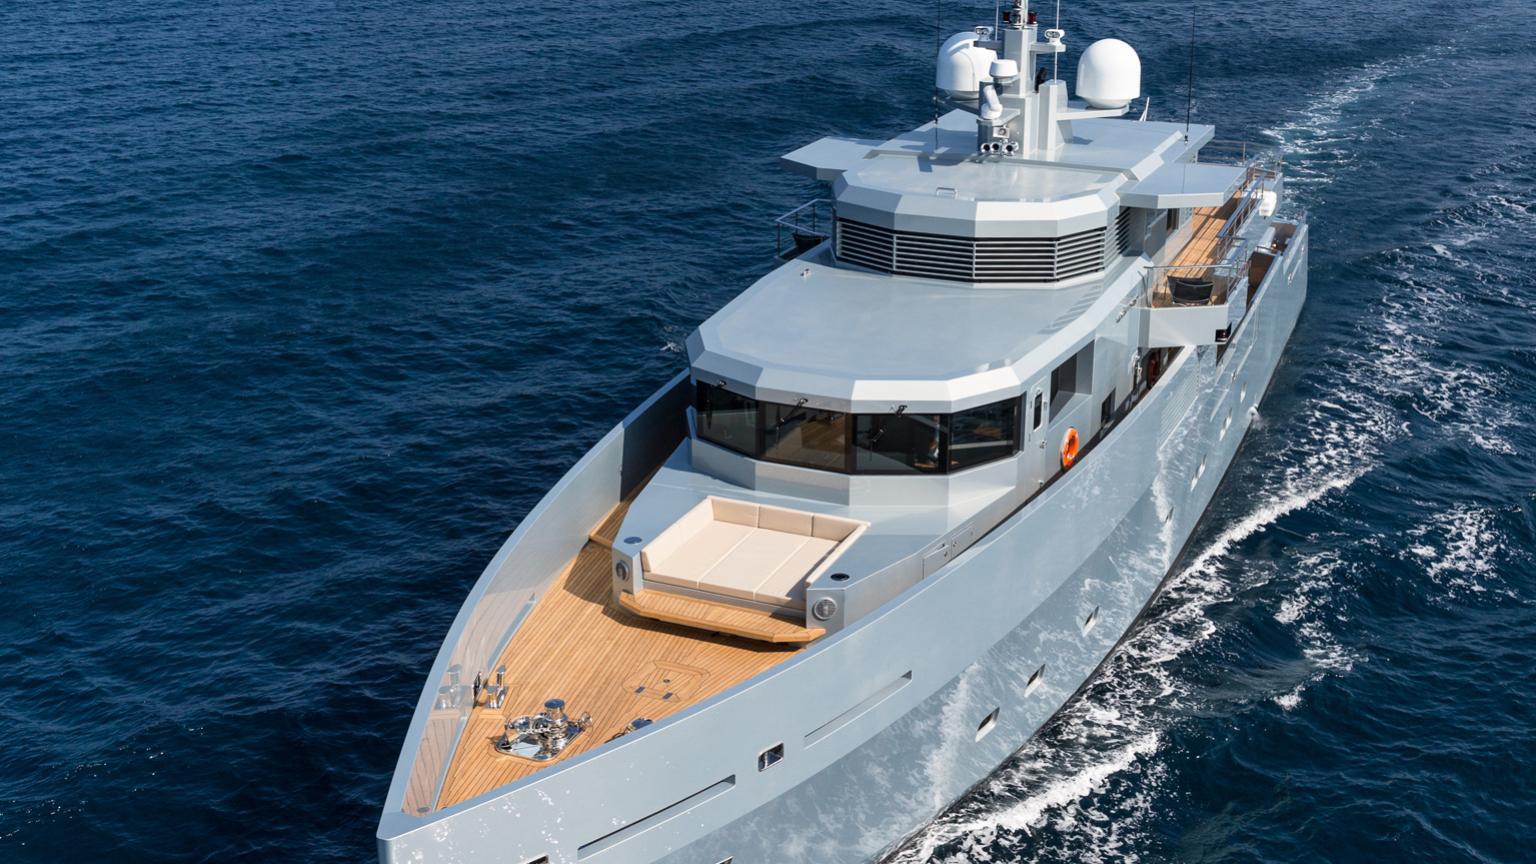 so-mar-motor-yacht-tansu-2014-38m-aerial